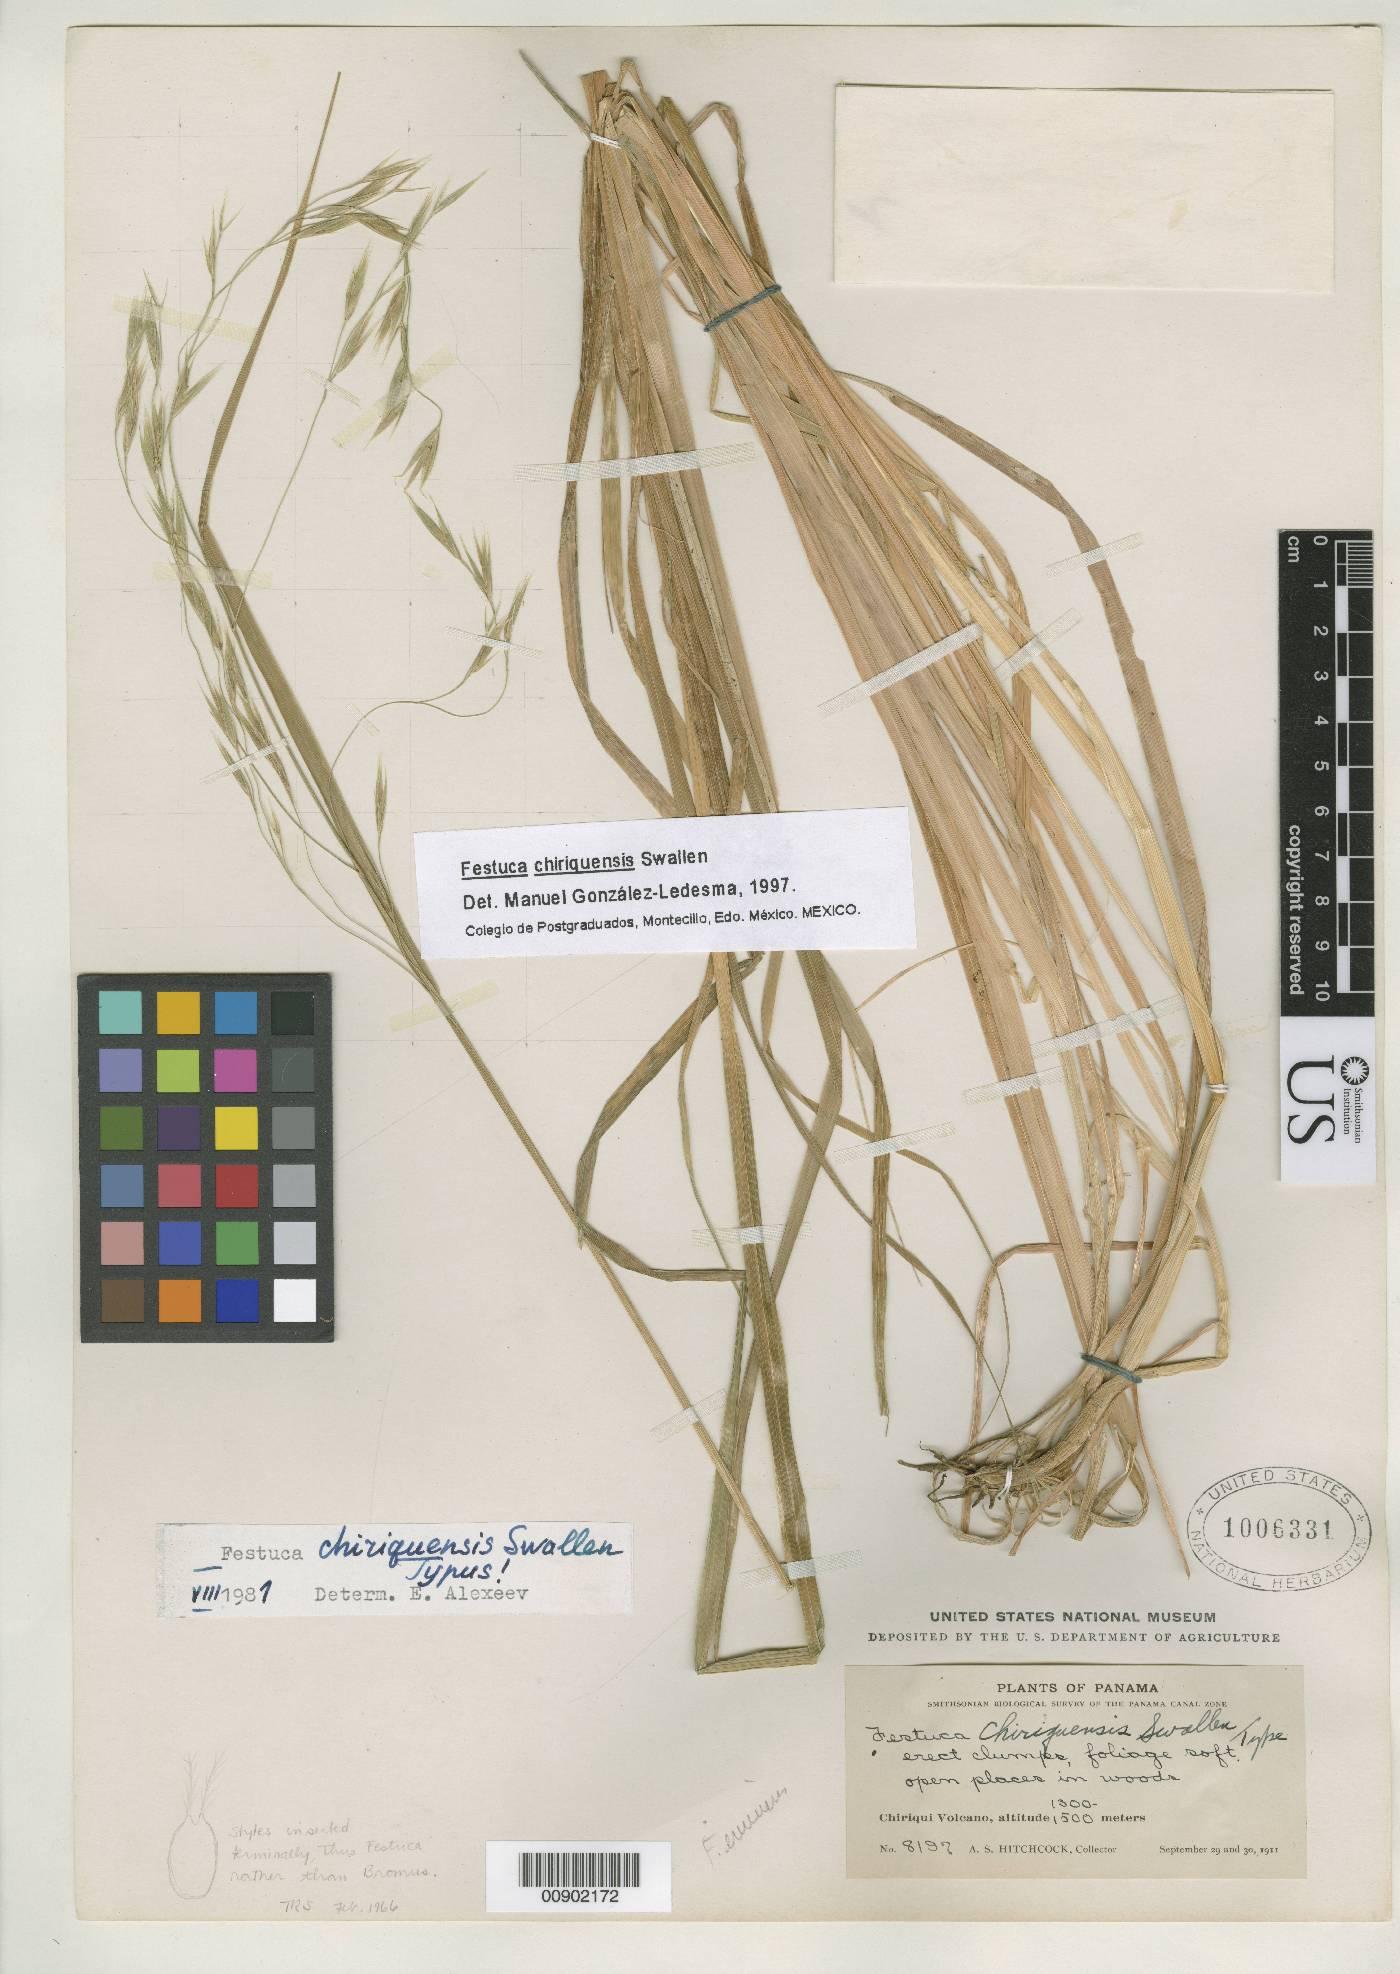 Festuca chiriquensis image